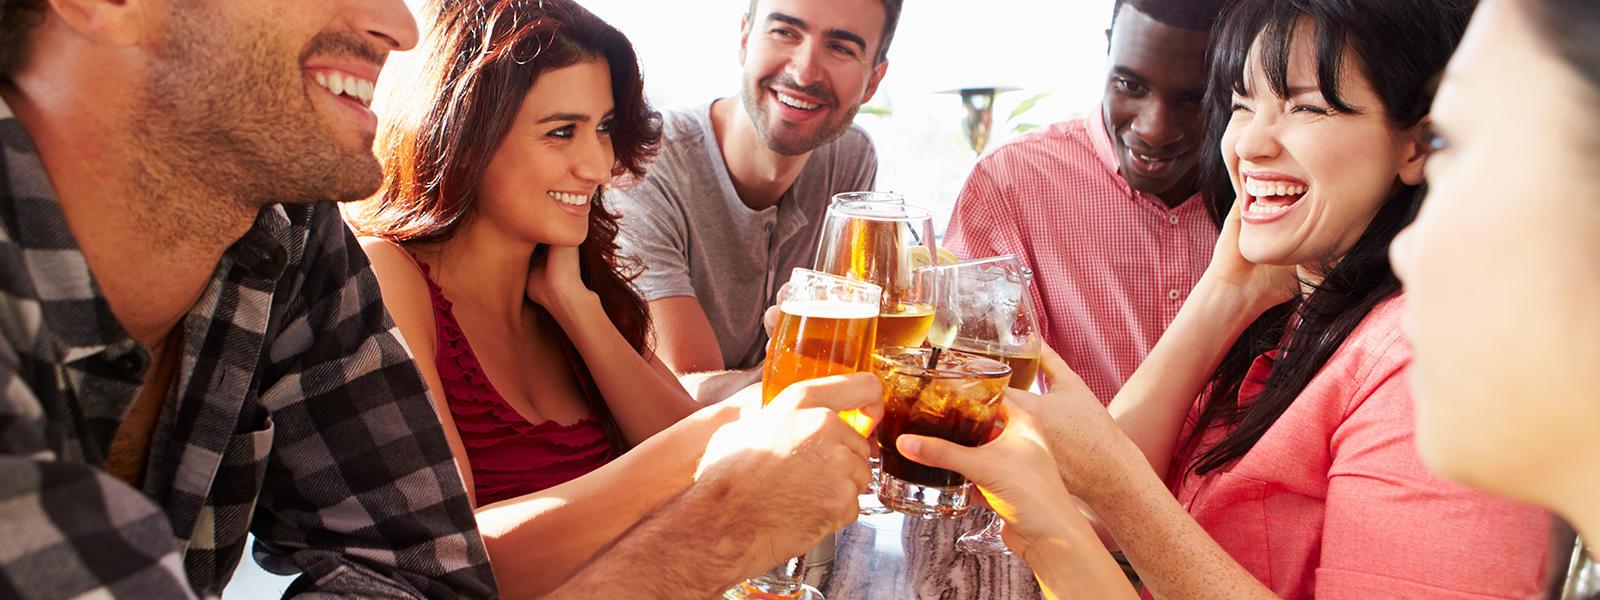 brew package friends enjoy drinks